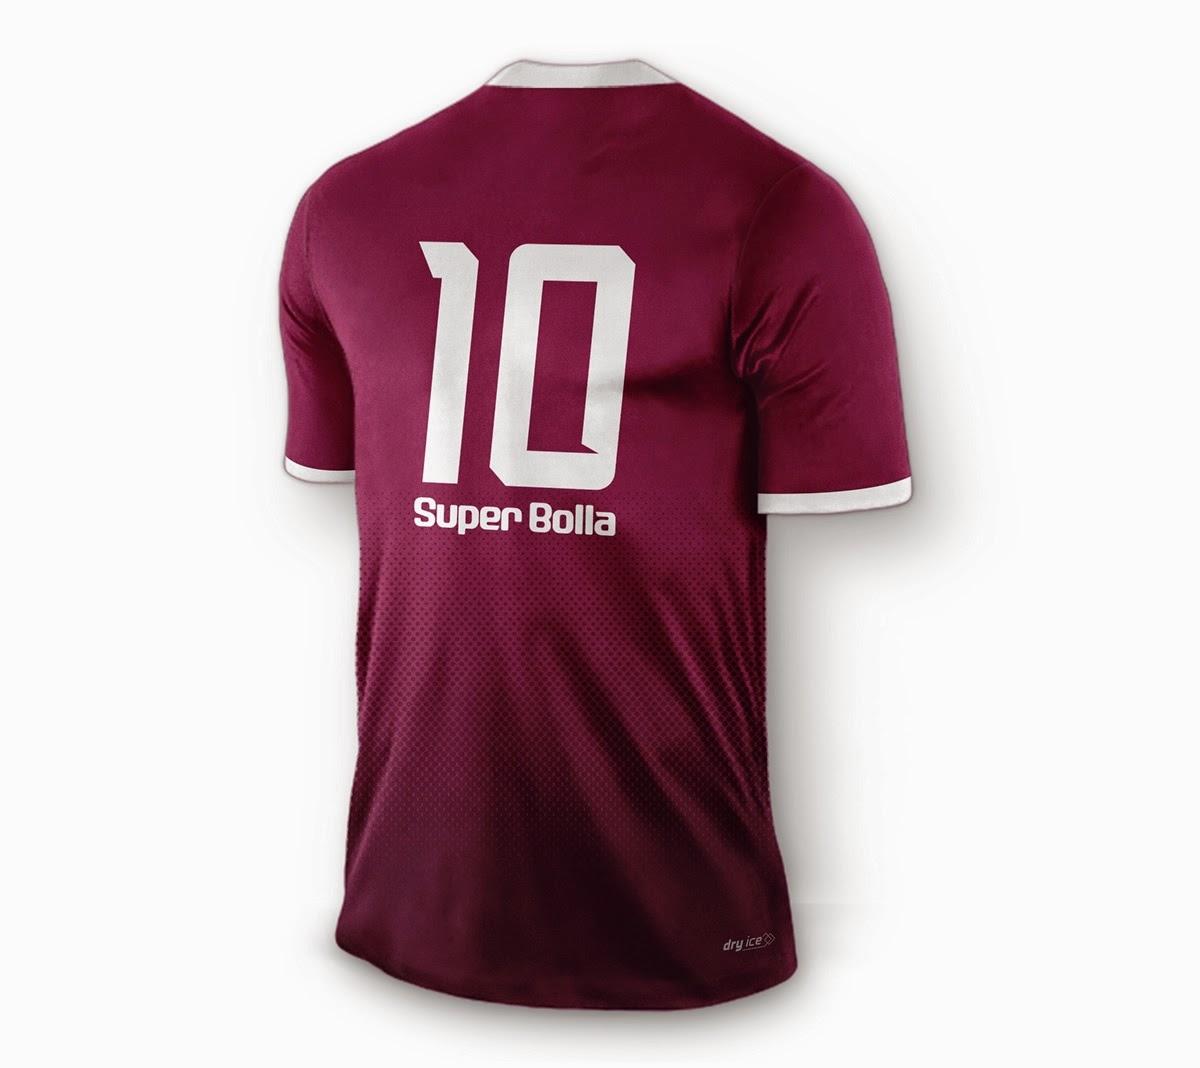 Manto Juventino - As camisas do Clube Atlético Juventus  Janeiro 2015 9a0a0fc08374b